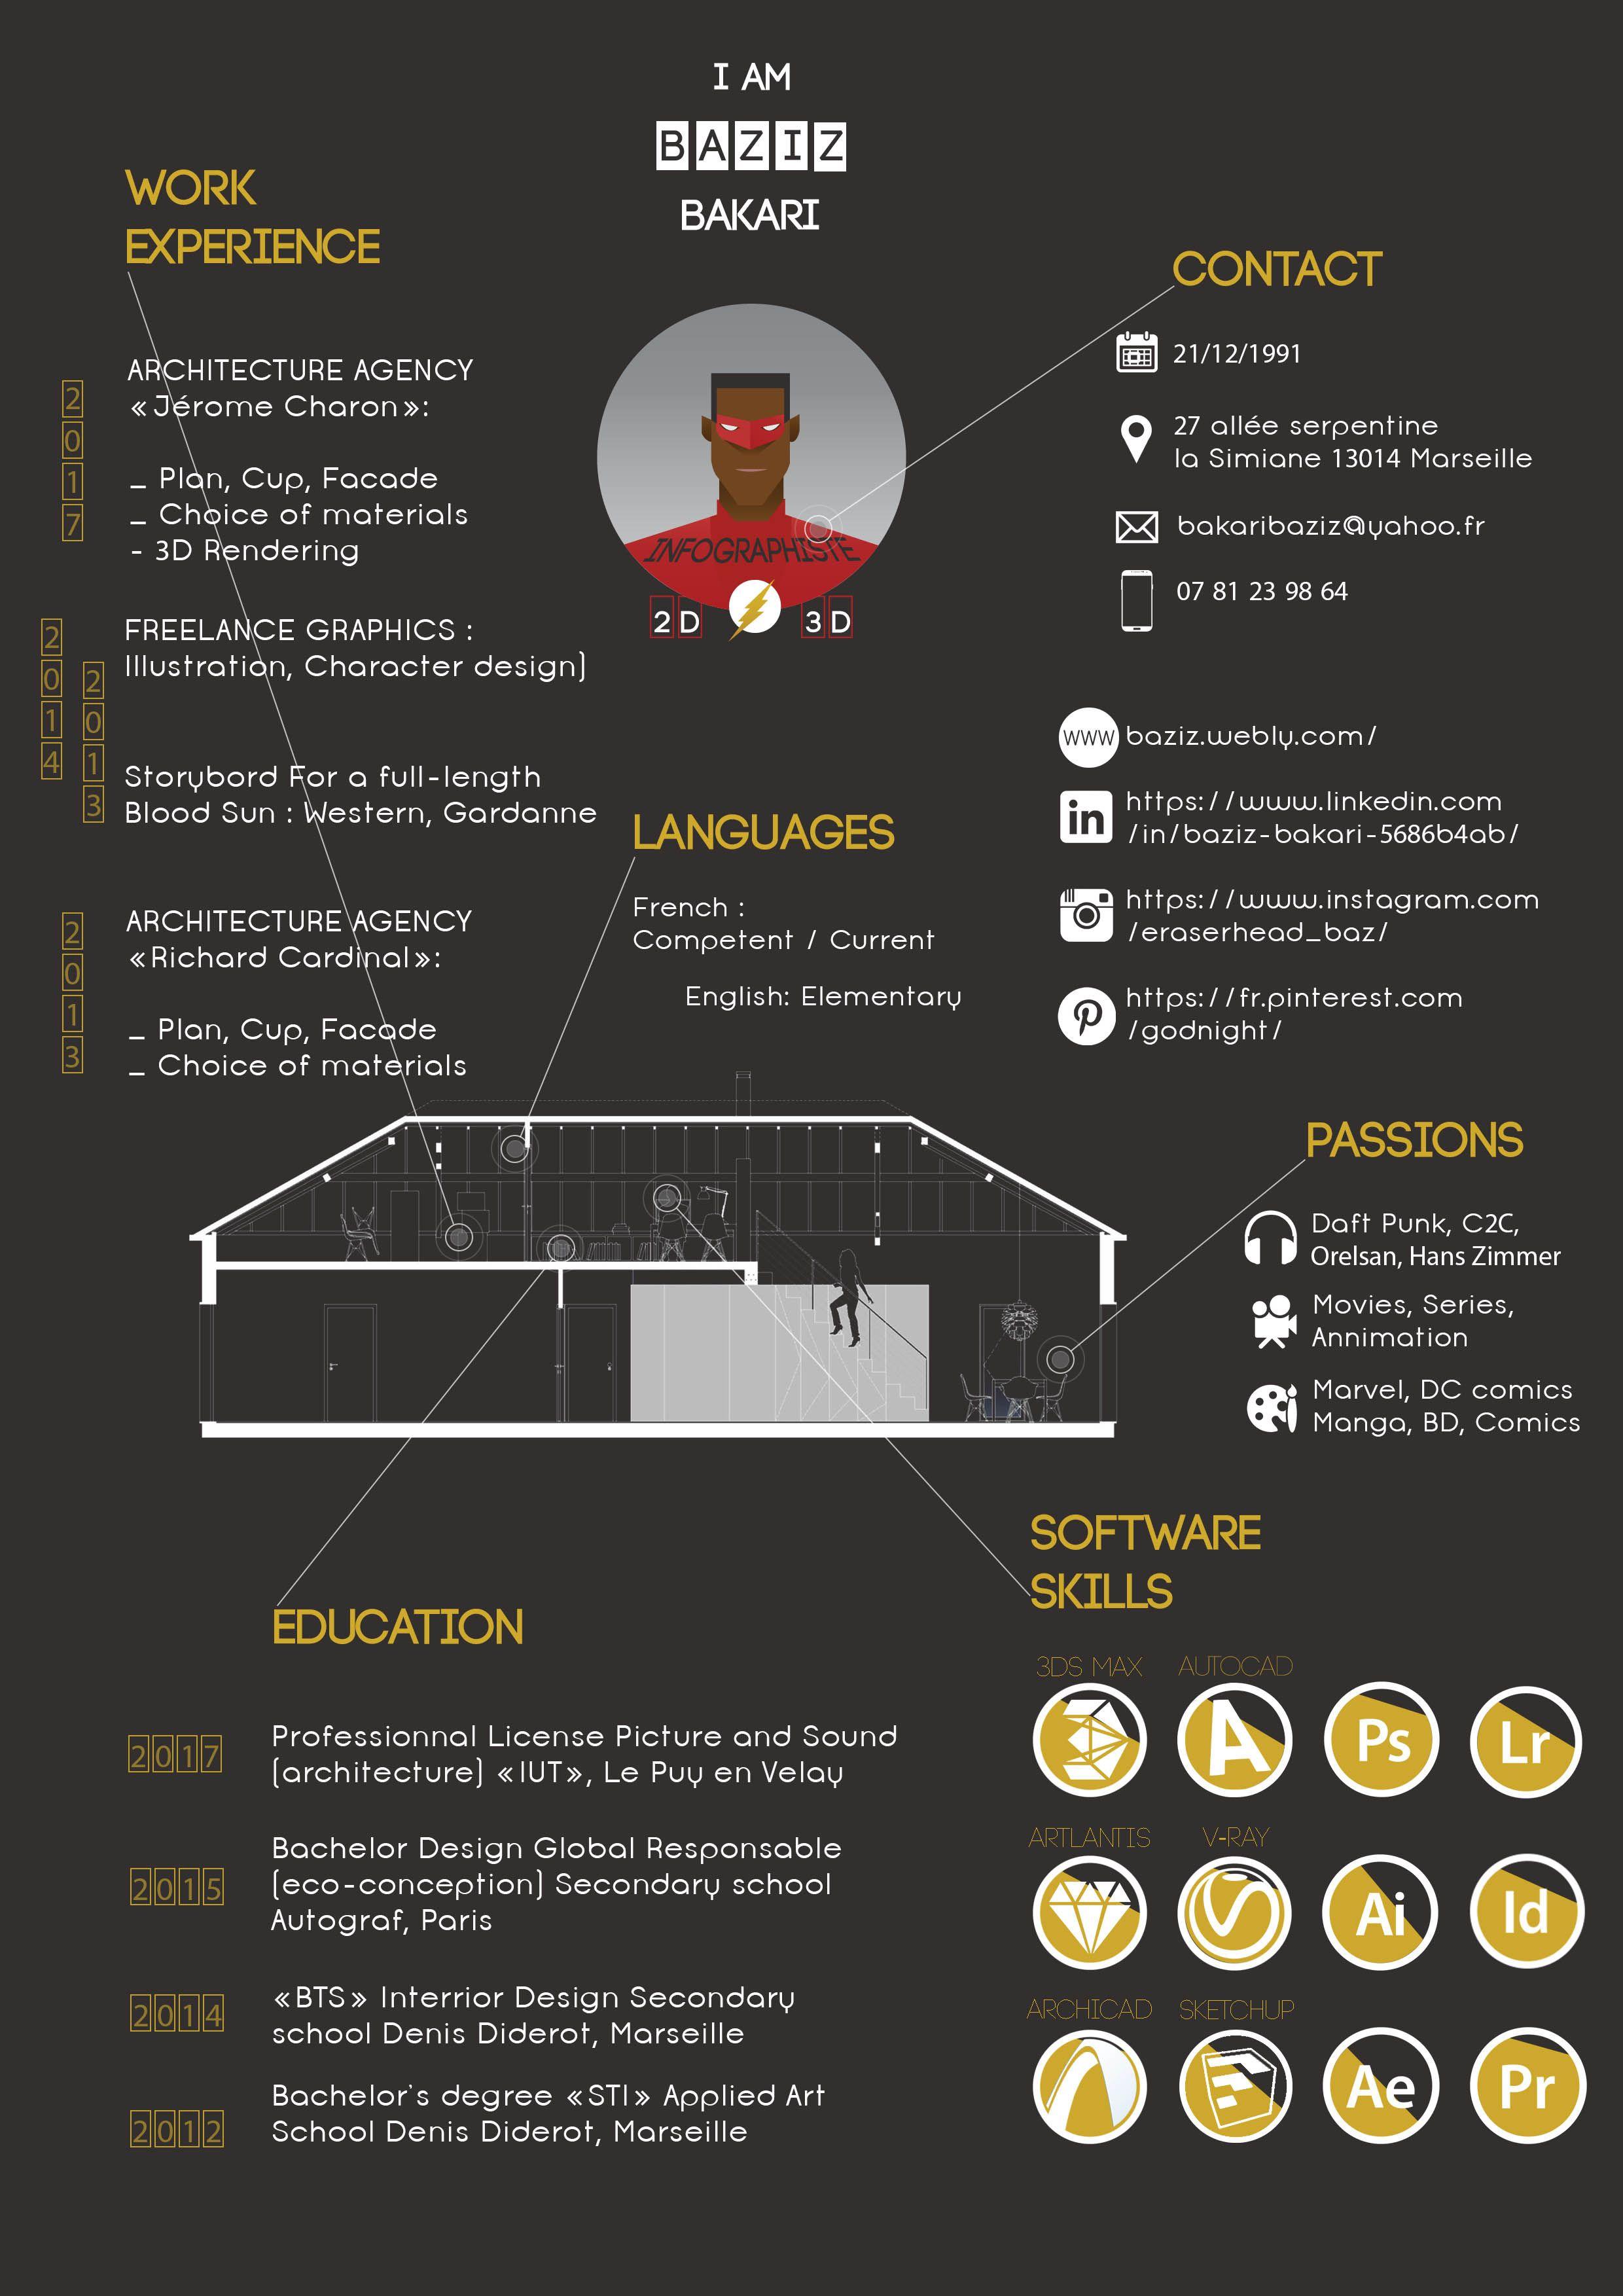 curriculum vitae by baziz bakari  infographiste